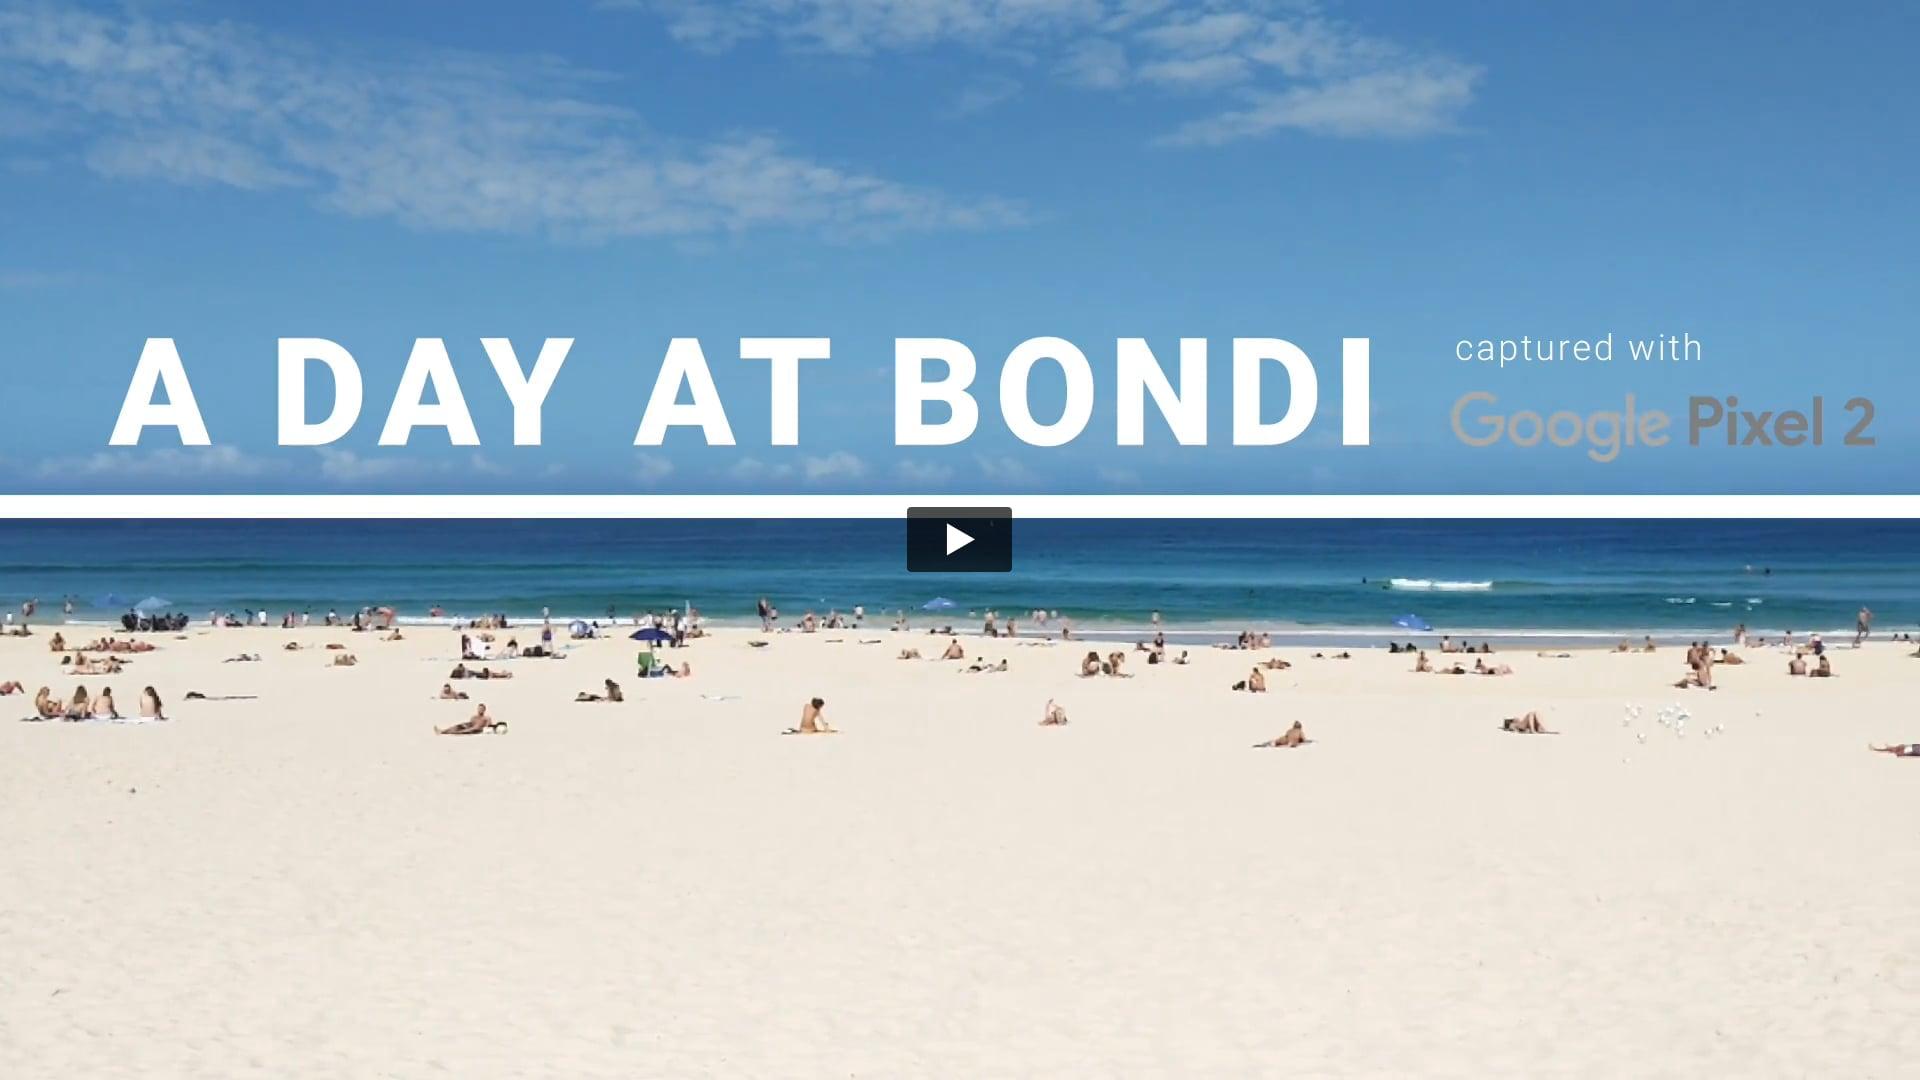 Google Pixel - A Day at Bondi